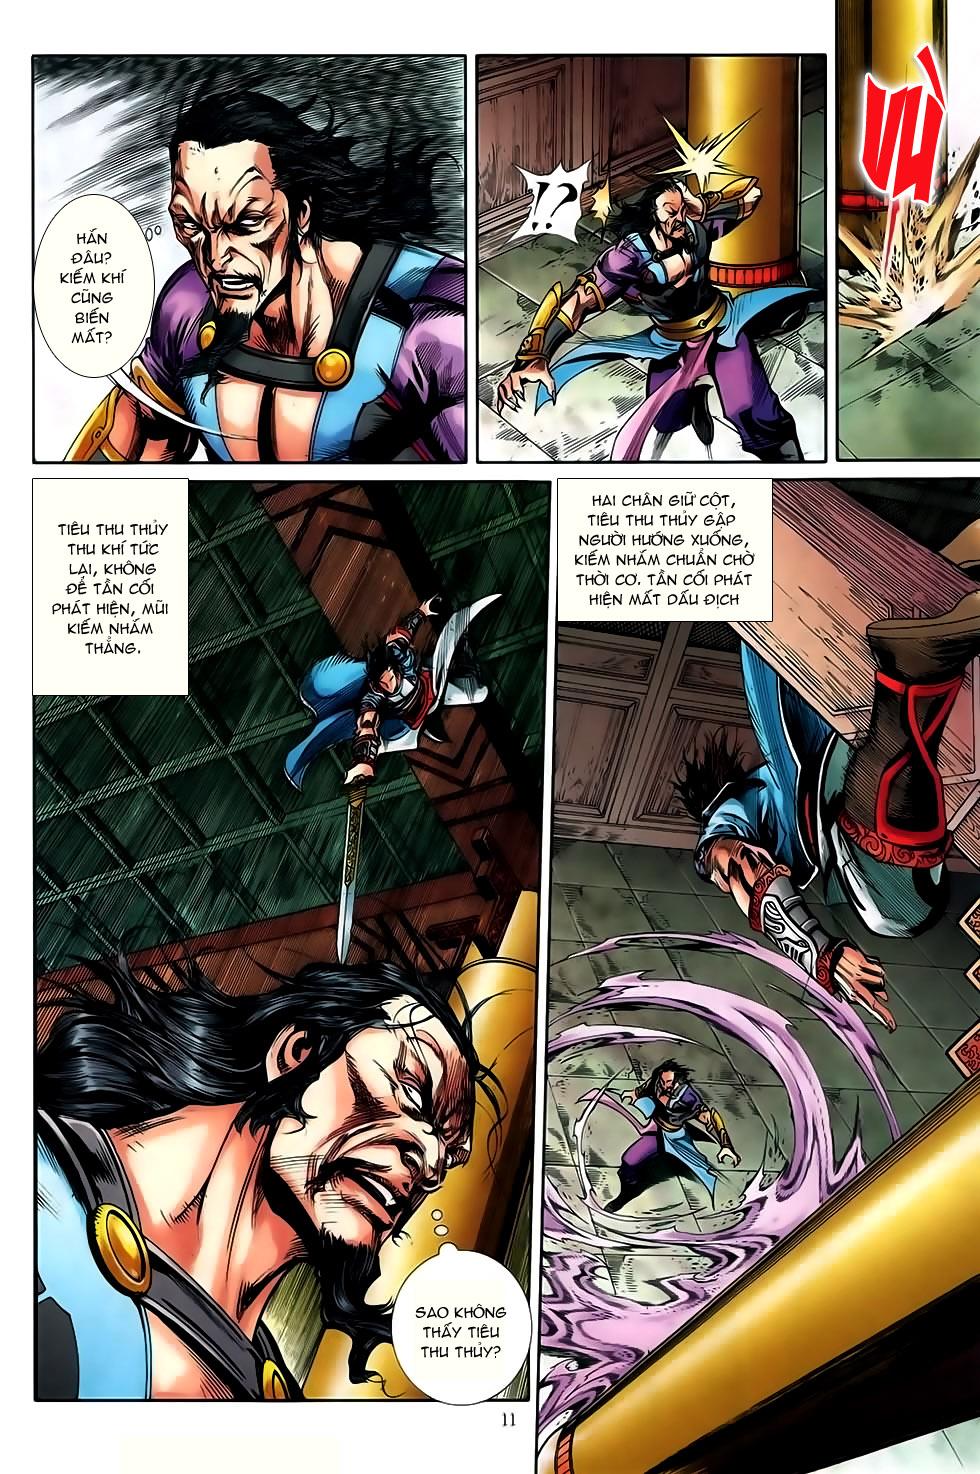 Đại Hiệp Truyền Kỳ (Thần Châu Hậu Truyện) chap 50 - Trang 10